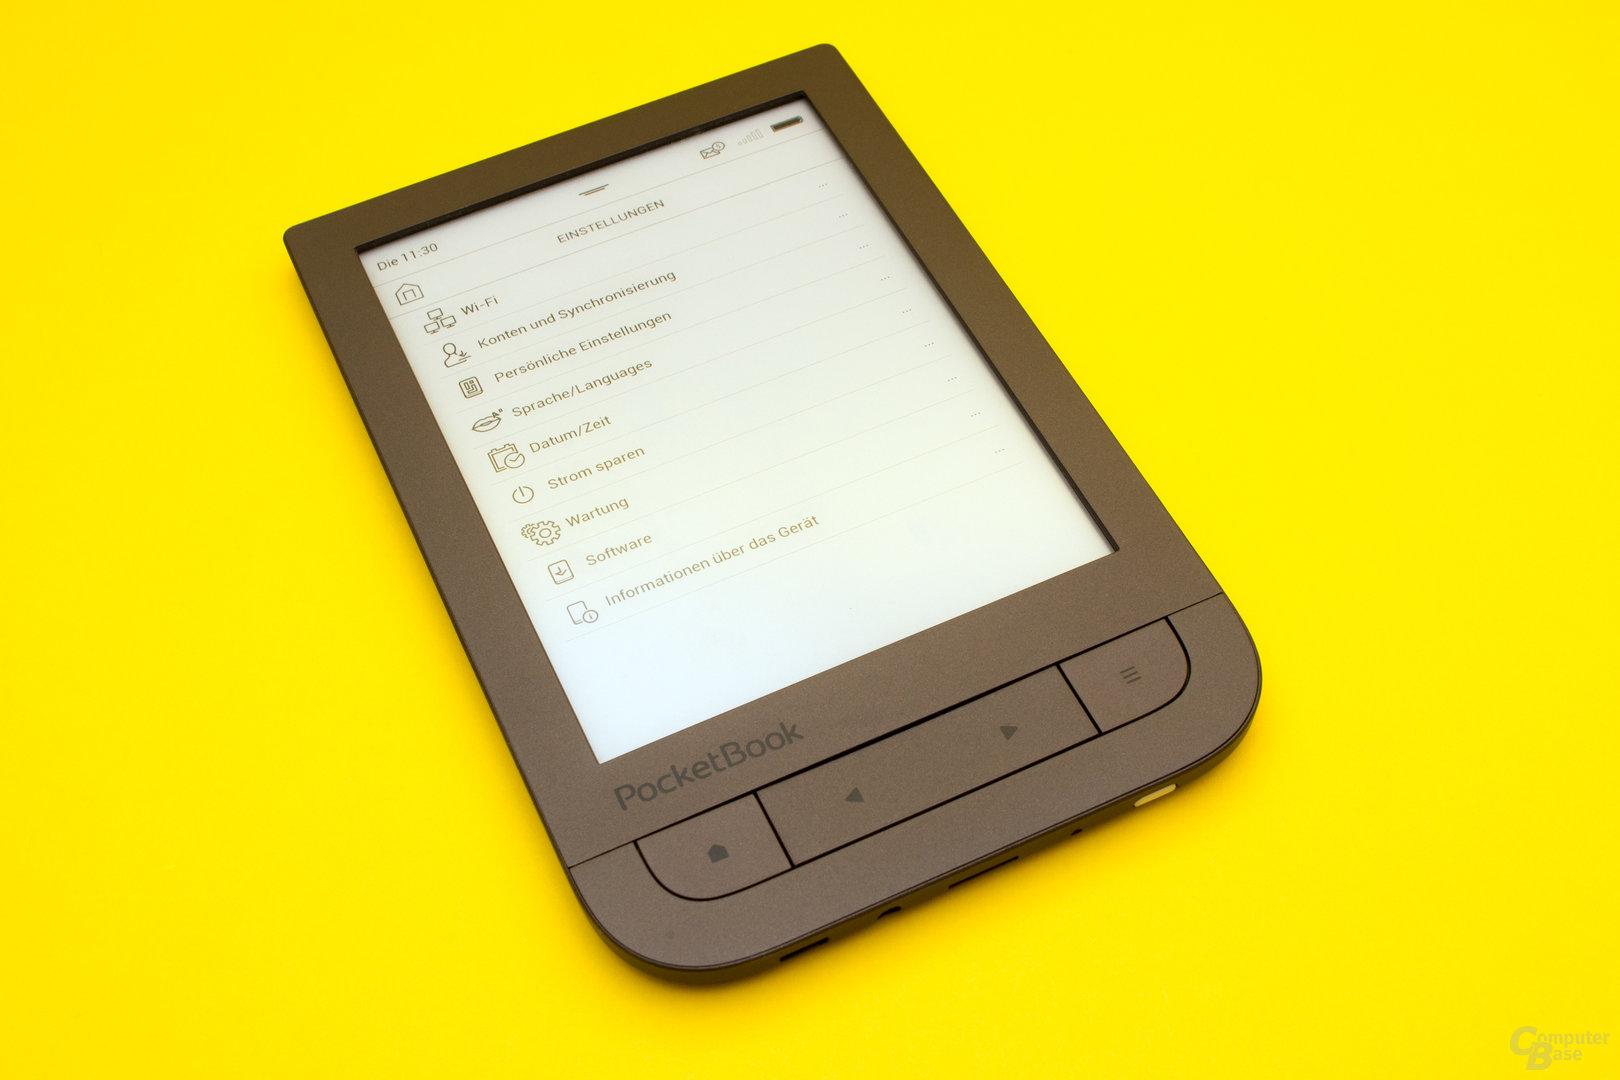 Viele Anpassungsmöglichkeiten beim PocketBook Touch HD 2